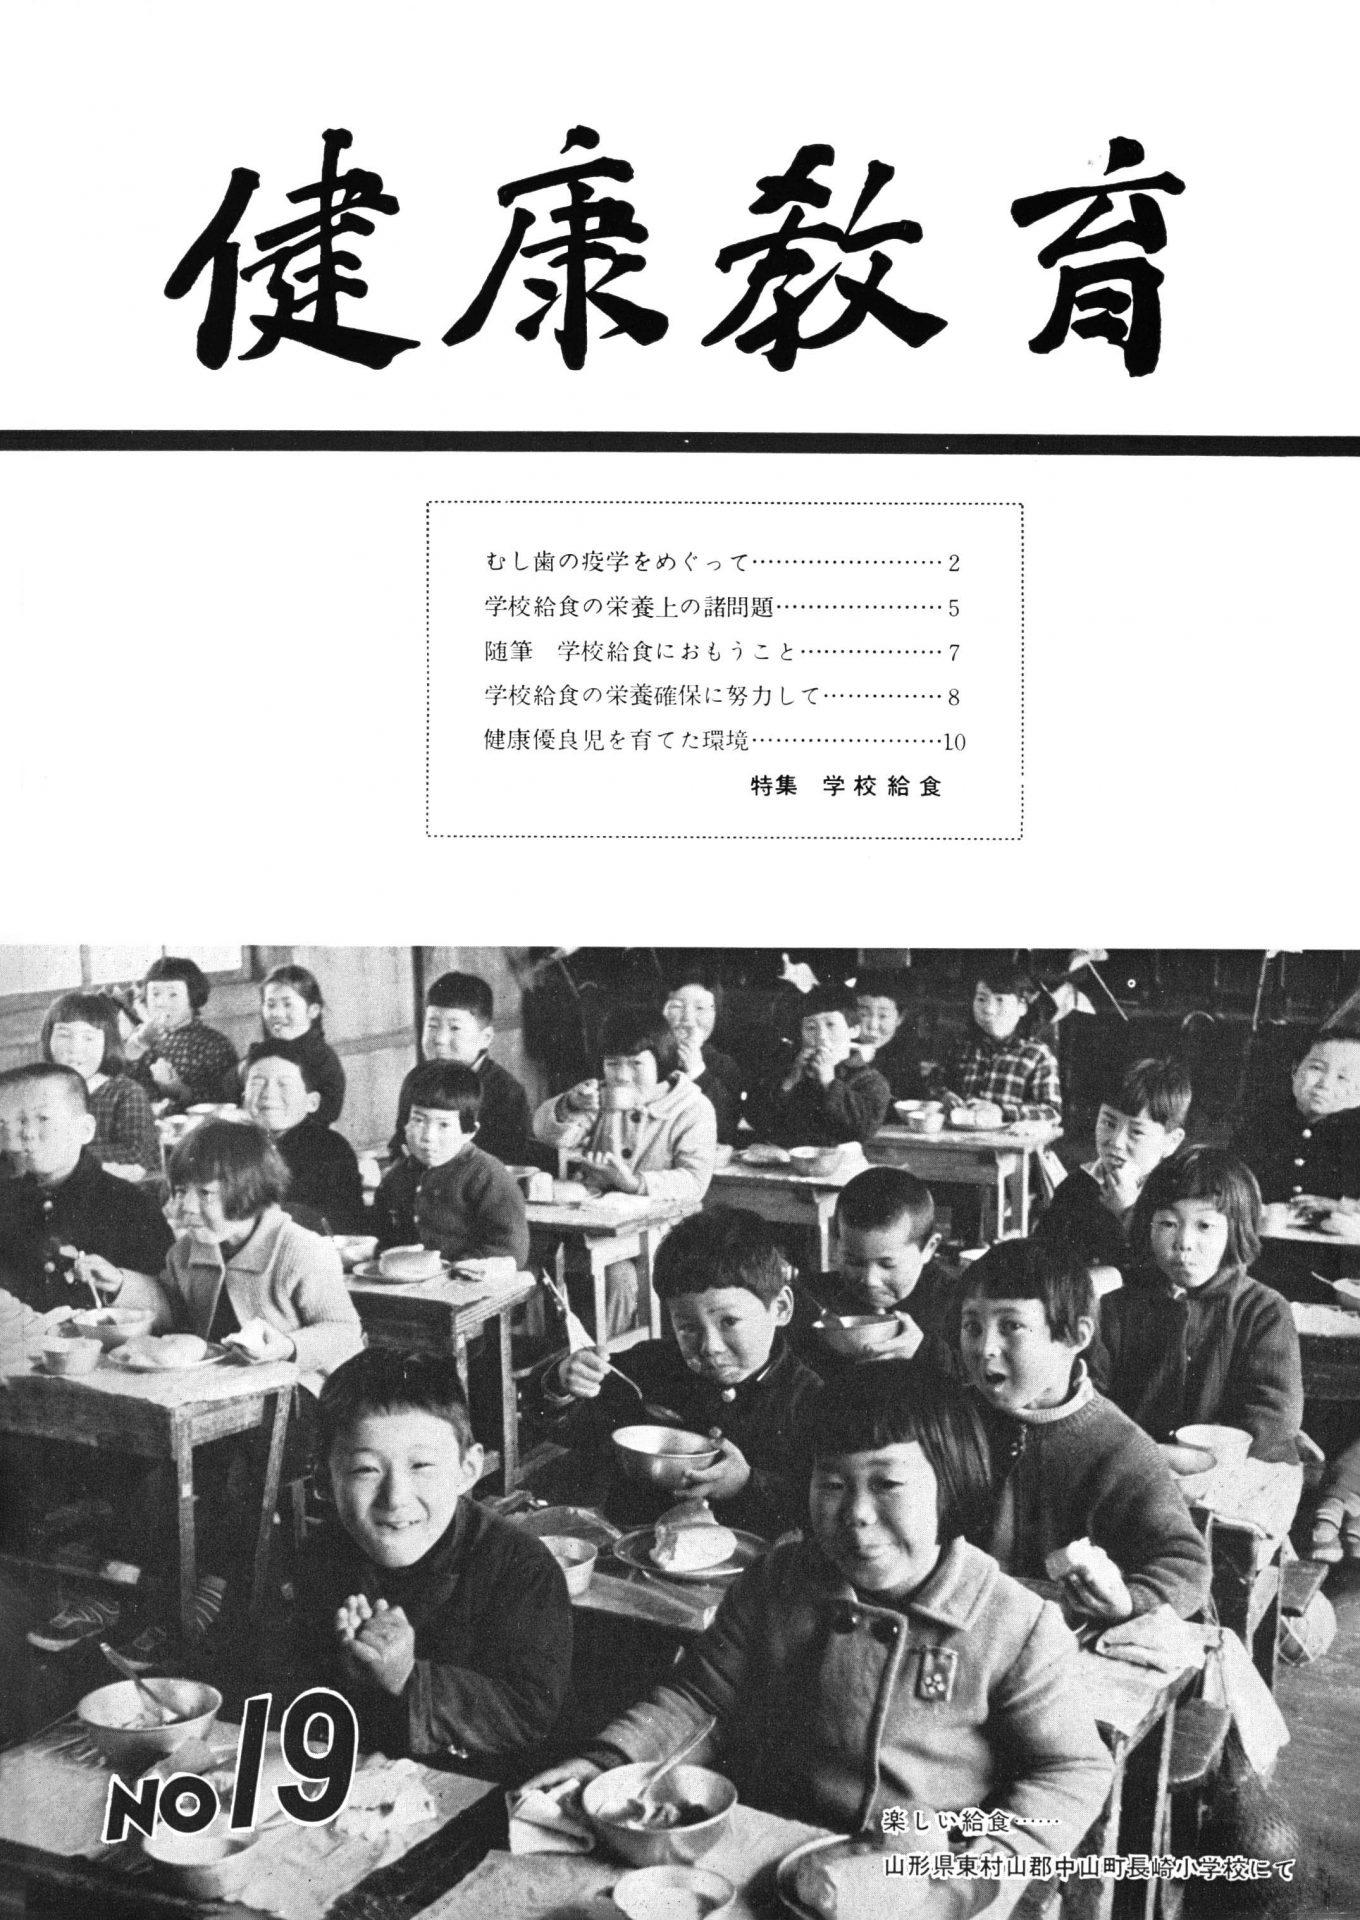 健康教育 No.19